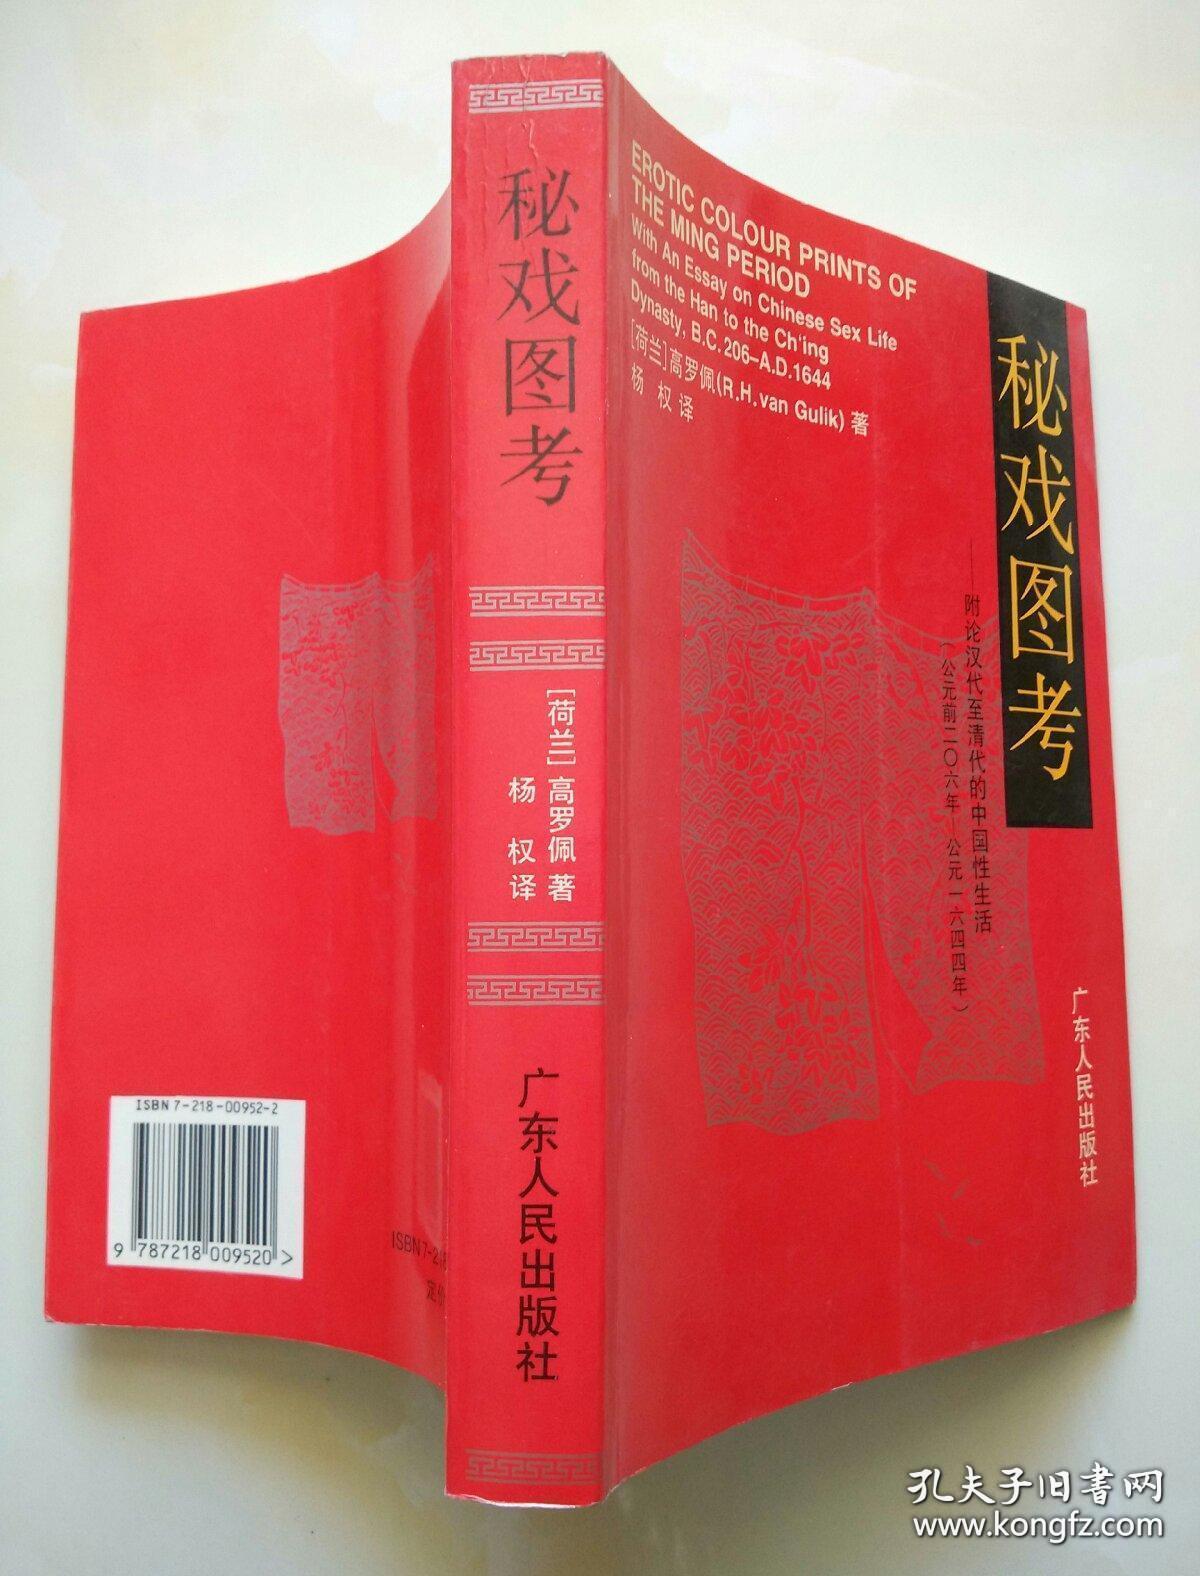 秘戏图考   正版内页干净品好 本书从缕析古史旧籍、房中秘书、道家经典、传奇小说、野史笔记入手,勾勒了自汉至明中国人的性生活情景,并收录了若干征引中文秘籍的原文。上篇提供一个中国色情文献的历史概览。中篇包括一个简明的中国春宫画史概要,以及一个稍为详细的明末春宫版画述说。下篇是对翻印于卷三的画册《花营锦阵》中的题跋的注释性翻译